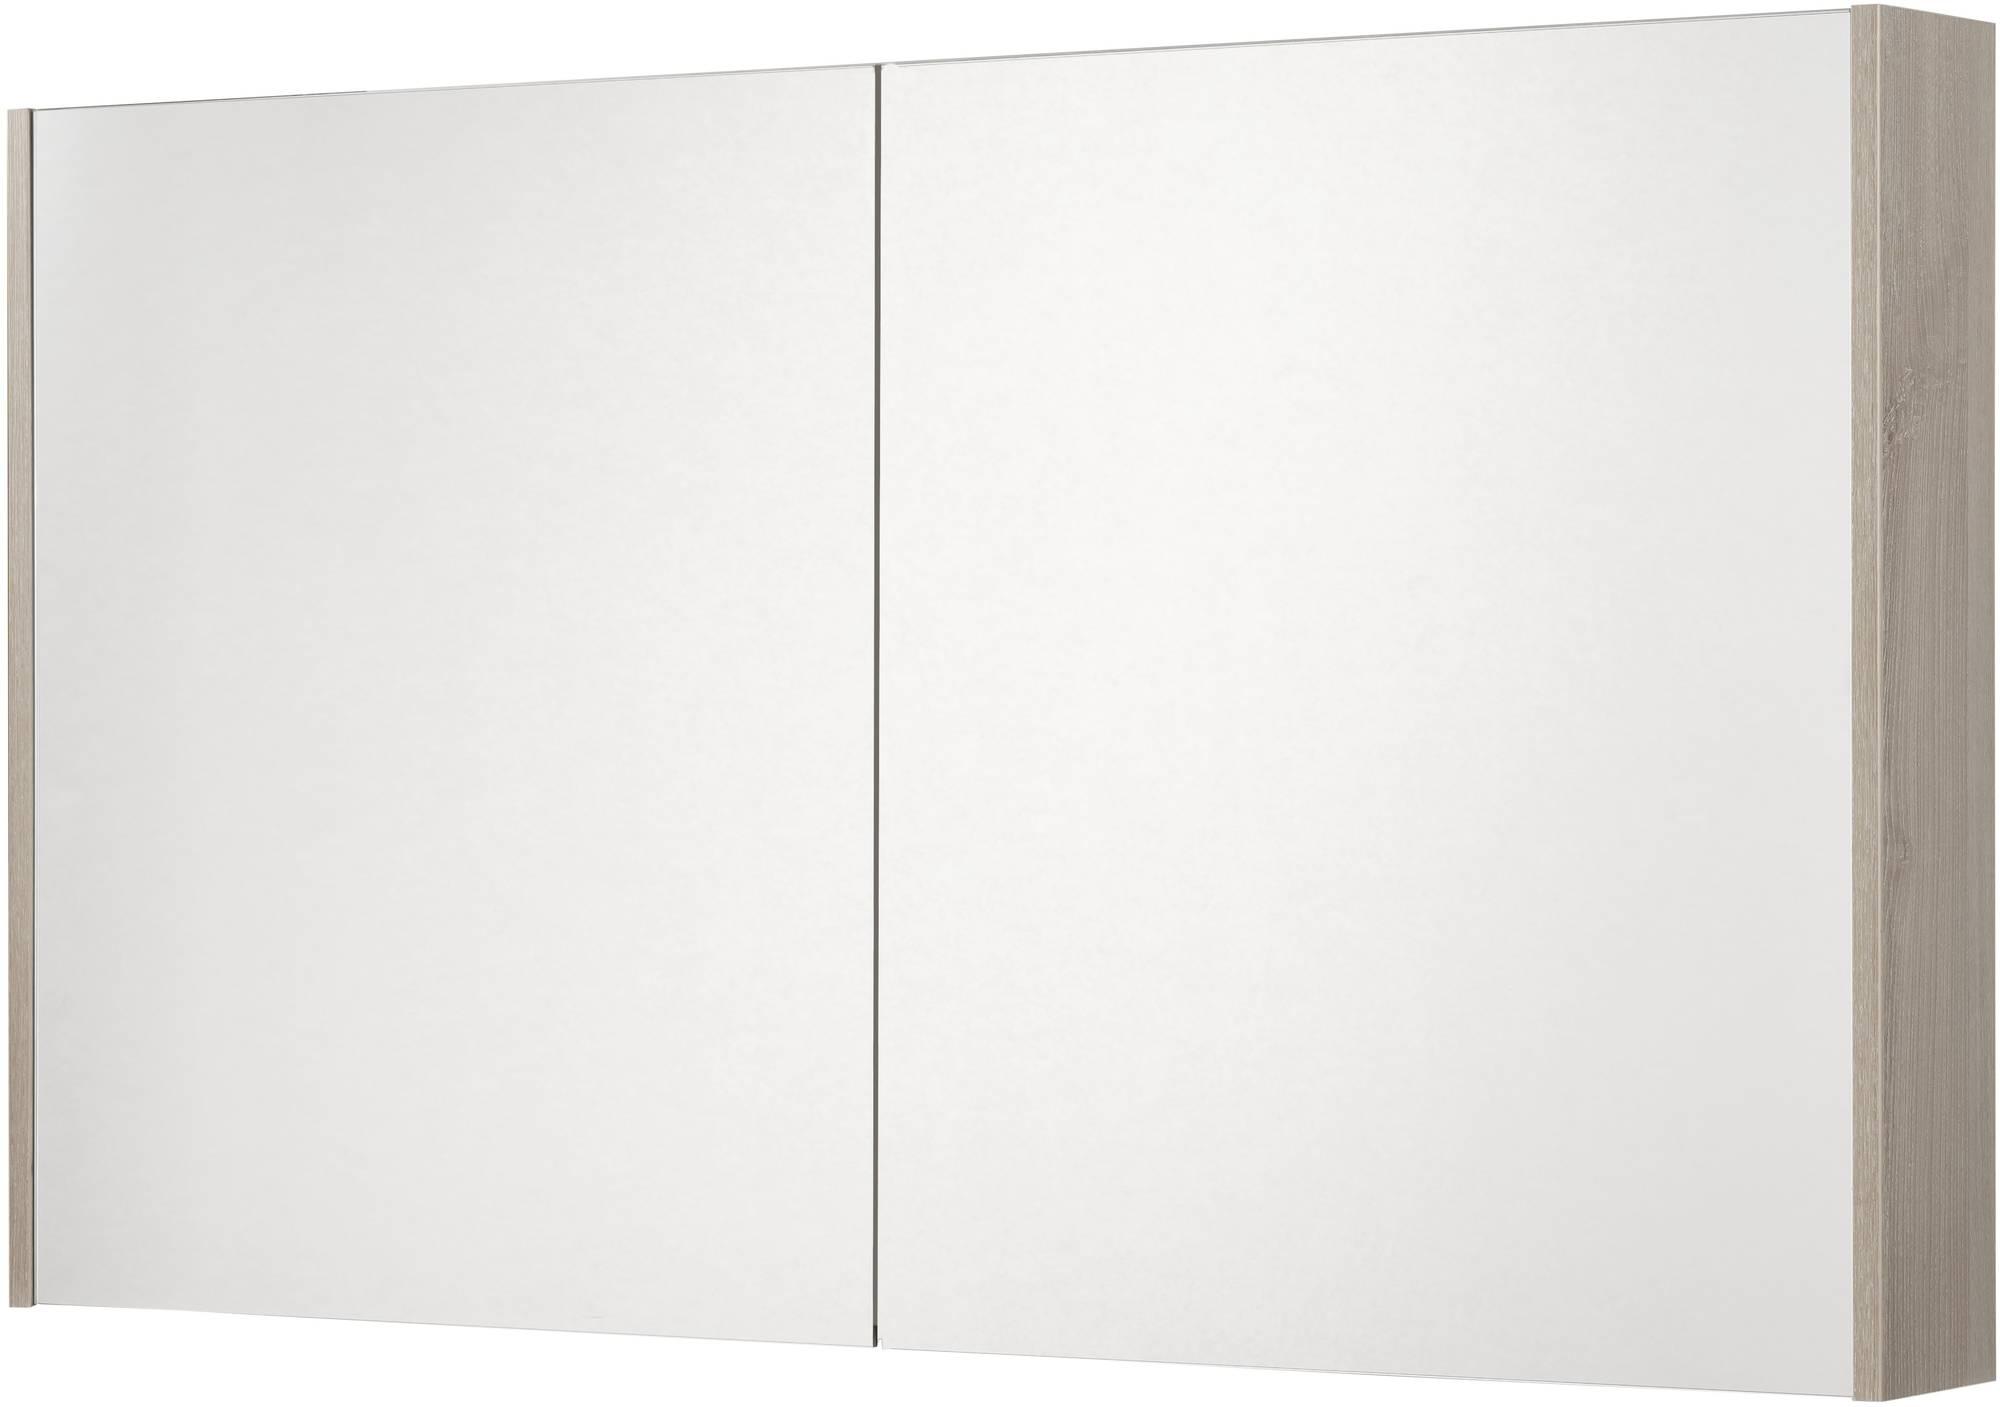 Saniselect Socan Spiegelkast 2 deuren 120cm Litho Grijs